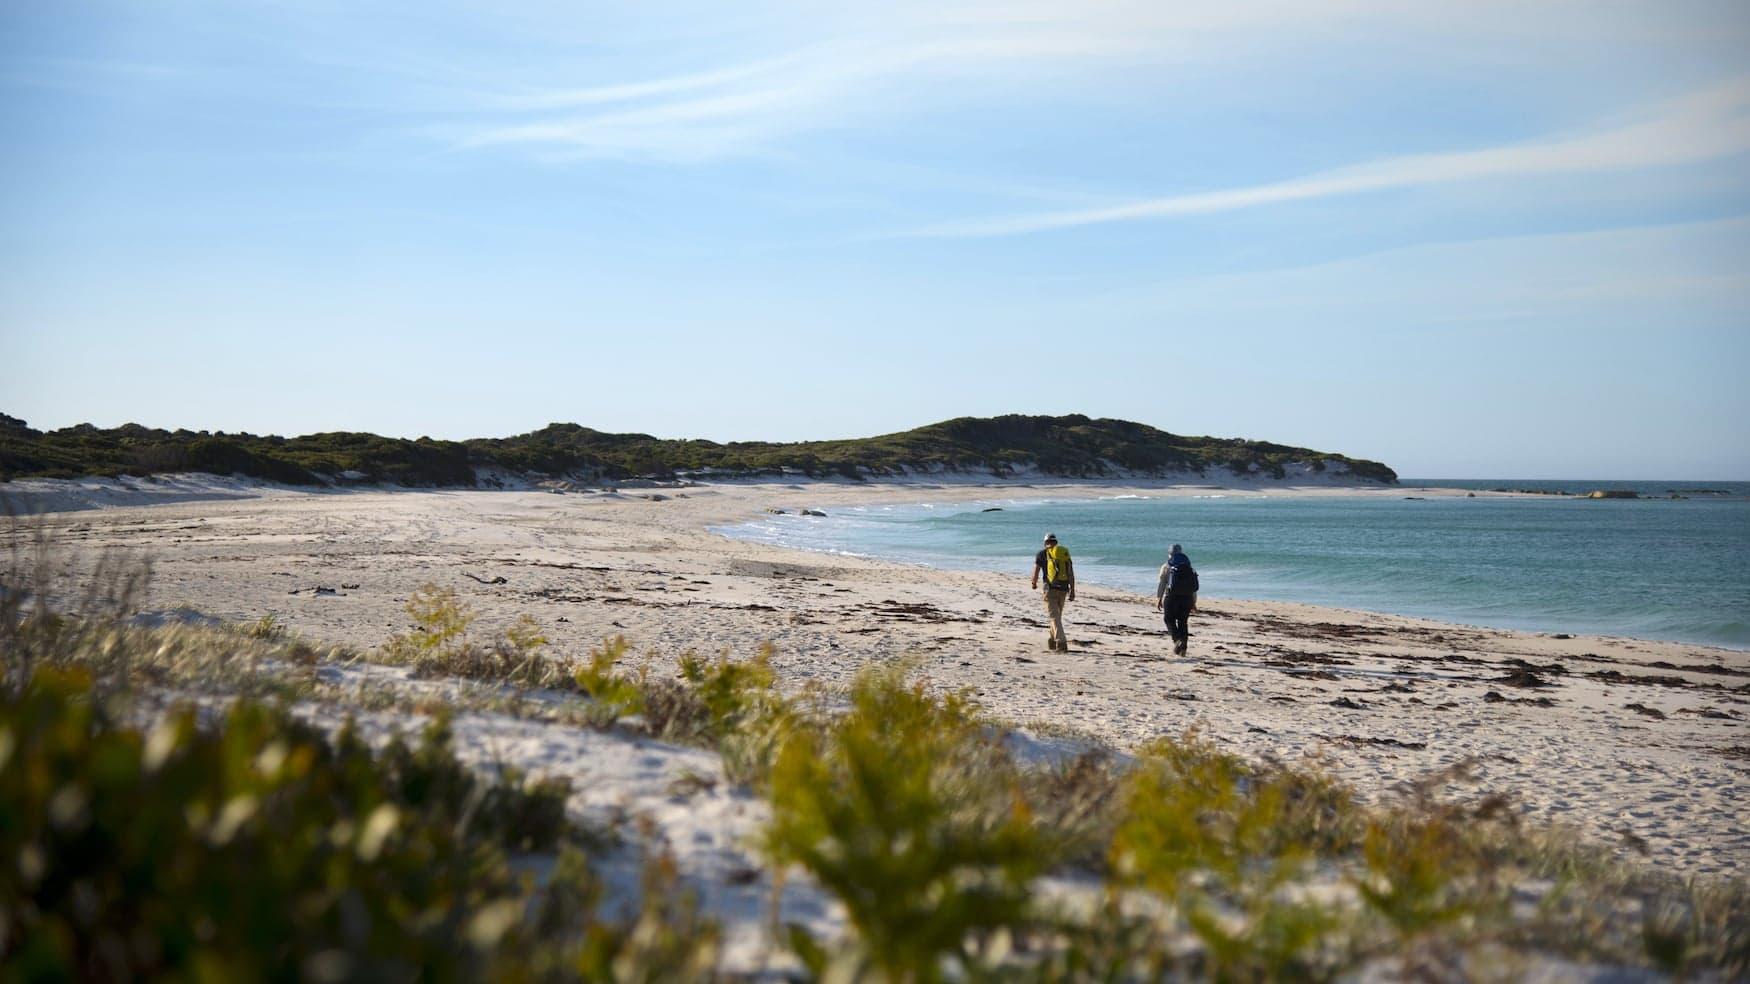 Beim Wukalina Walk erfahren Gäste mehr über die Creation Stories und die sich vom Festland unterscheidende Kultur der Aborigines der tasmanischen Insel.